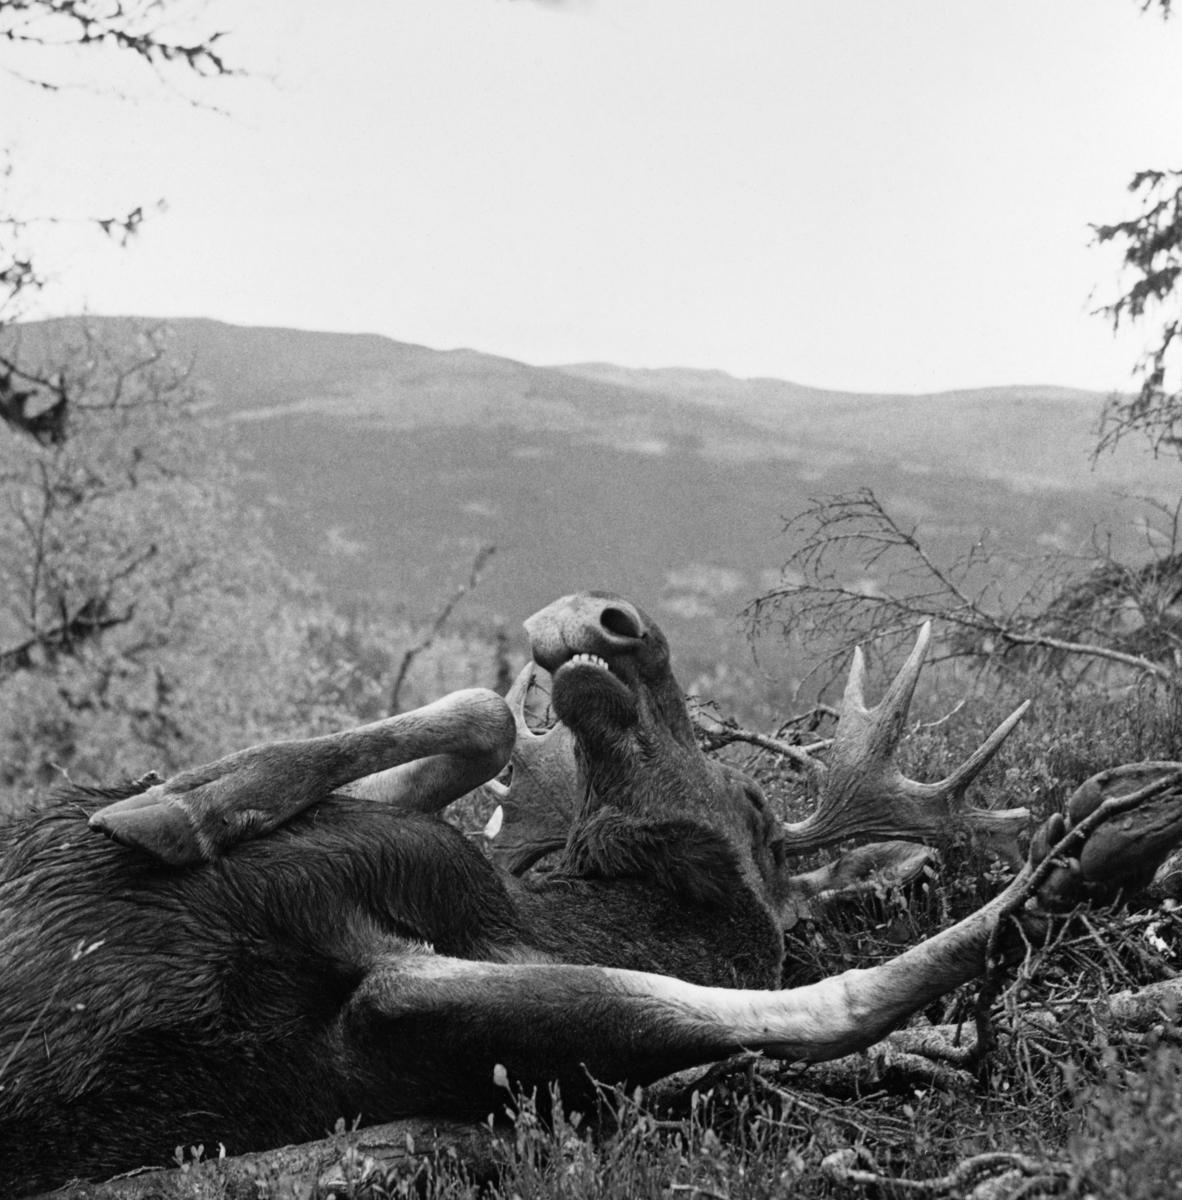 Elgoksen Tore Fossum felte i traktene ved Rognvola i Stor-Elvdal 29. september 1963.  Vi ser den fremre delen av elgen, som ligger på ryggen med sprikende bein og med mulepartiet i været.  Elgen viste seg å veie 234, 5 kilo. Elgjakt. Storviltjakt. Storvilt.